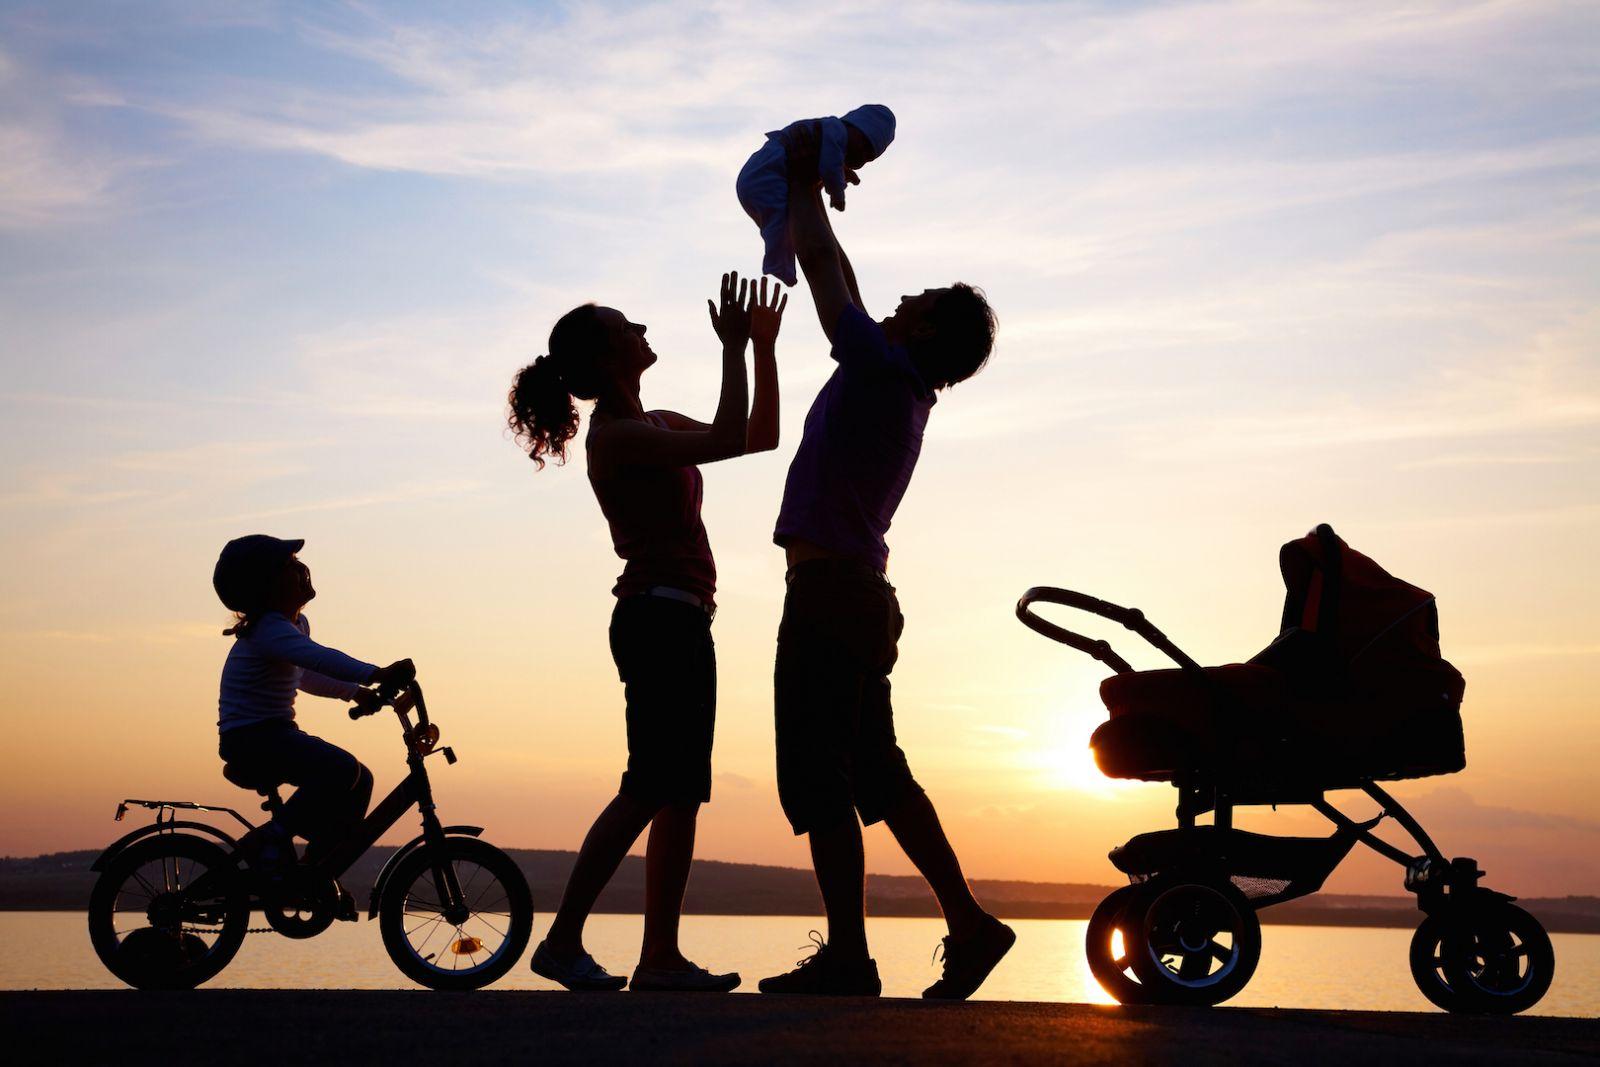 Cái giá con cái phải trả cho việc cha mẹ bỏ nhau, không phải ai cũng nghĩ xa được như vậy! - Hình 2